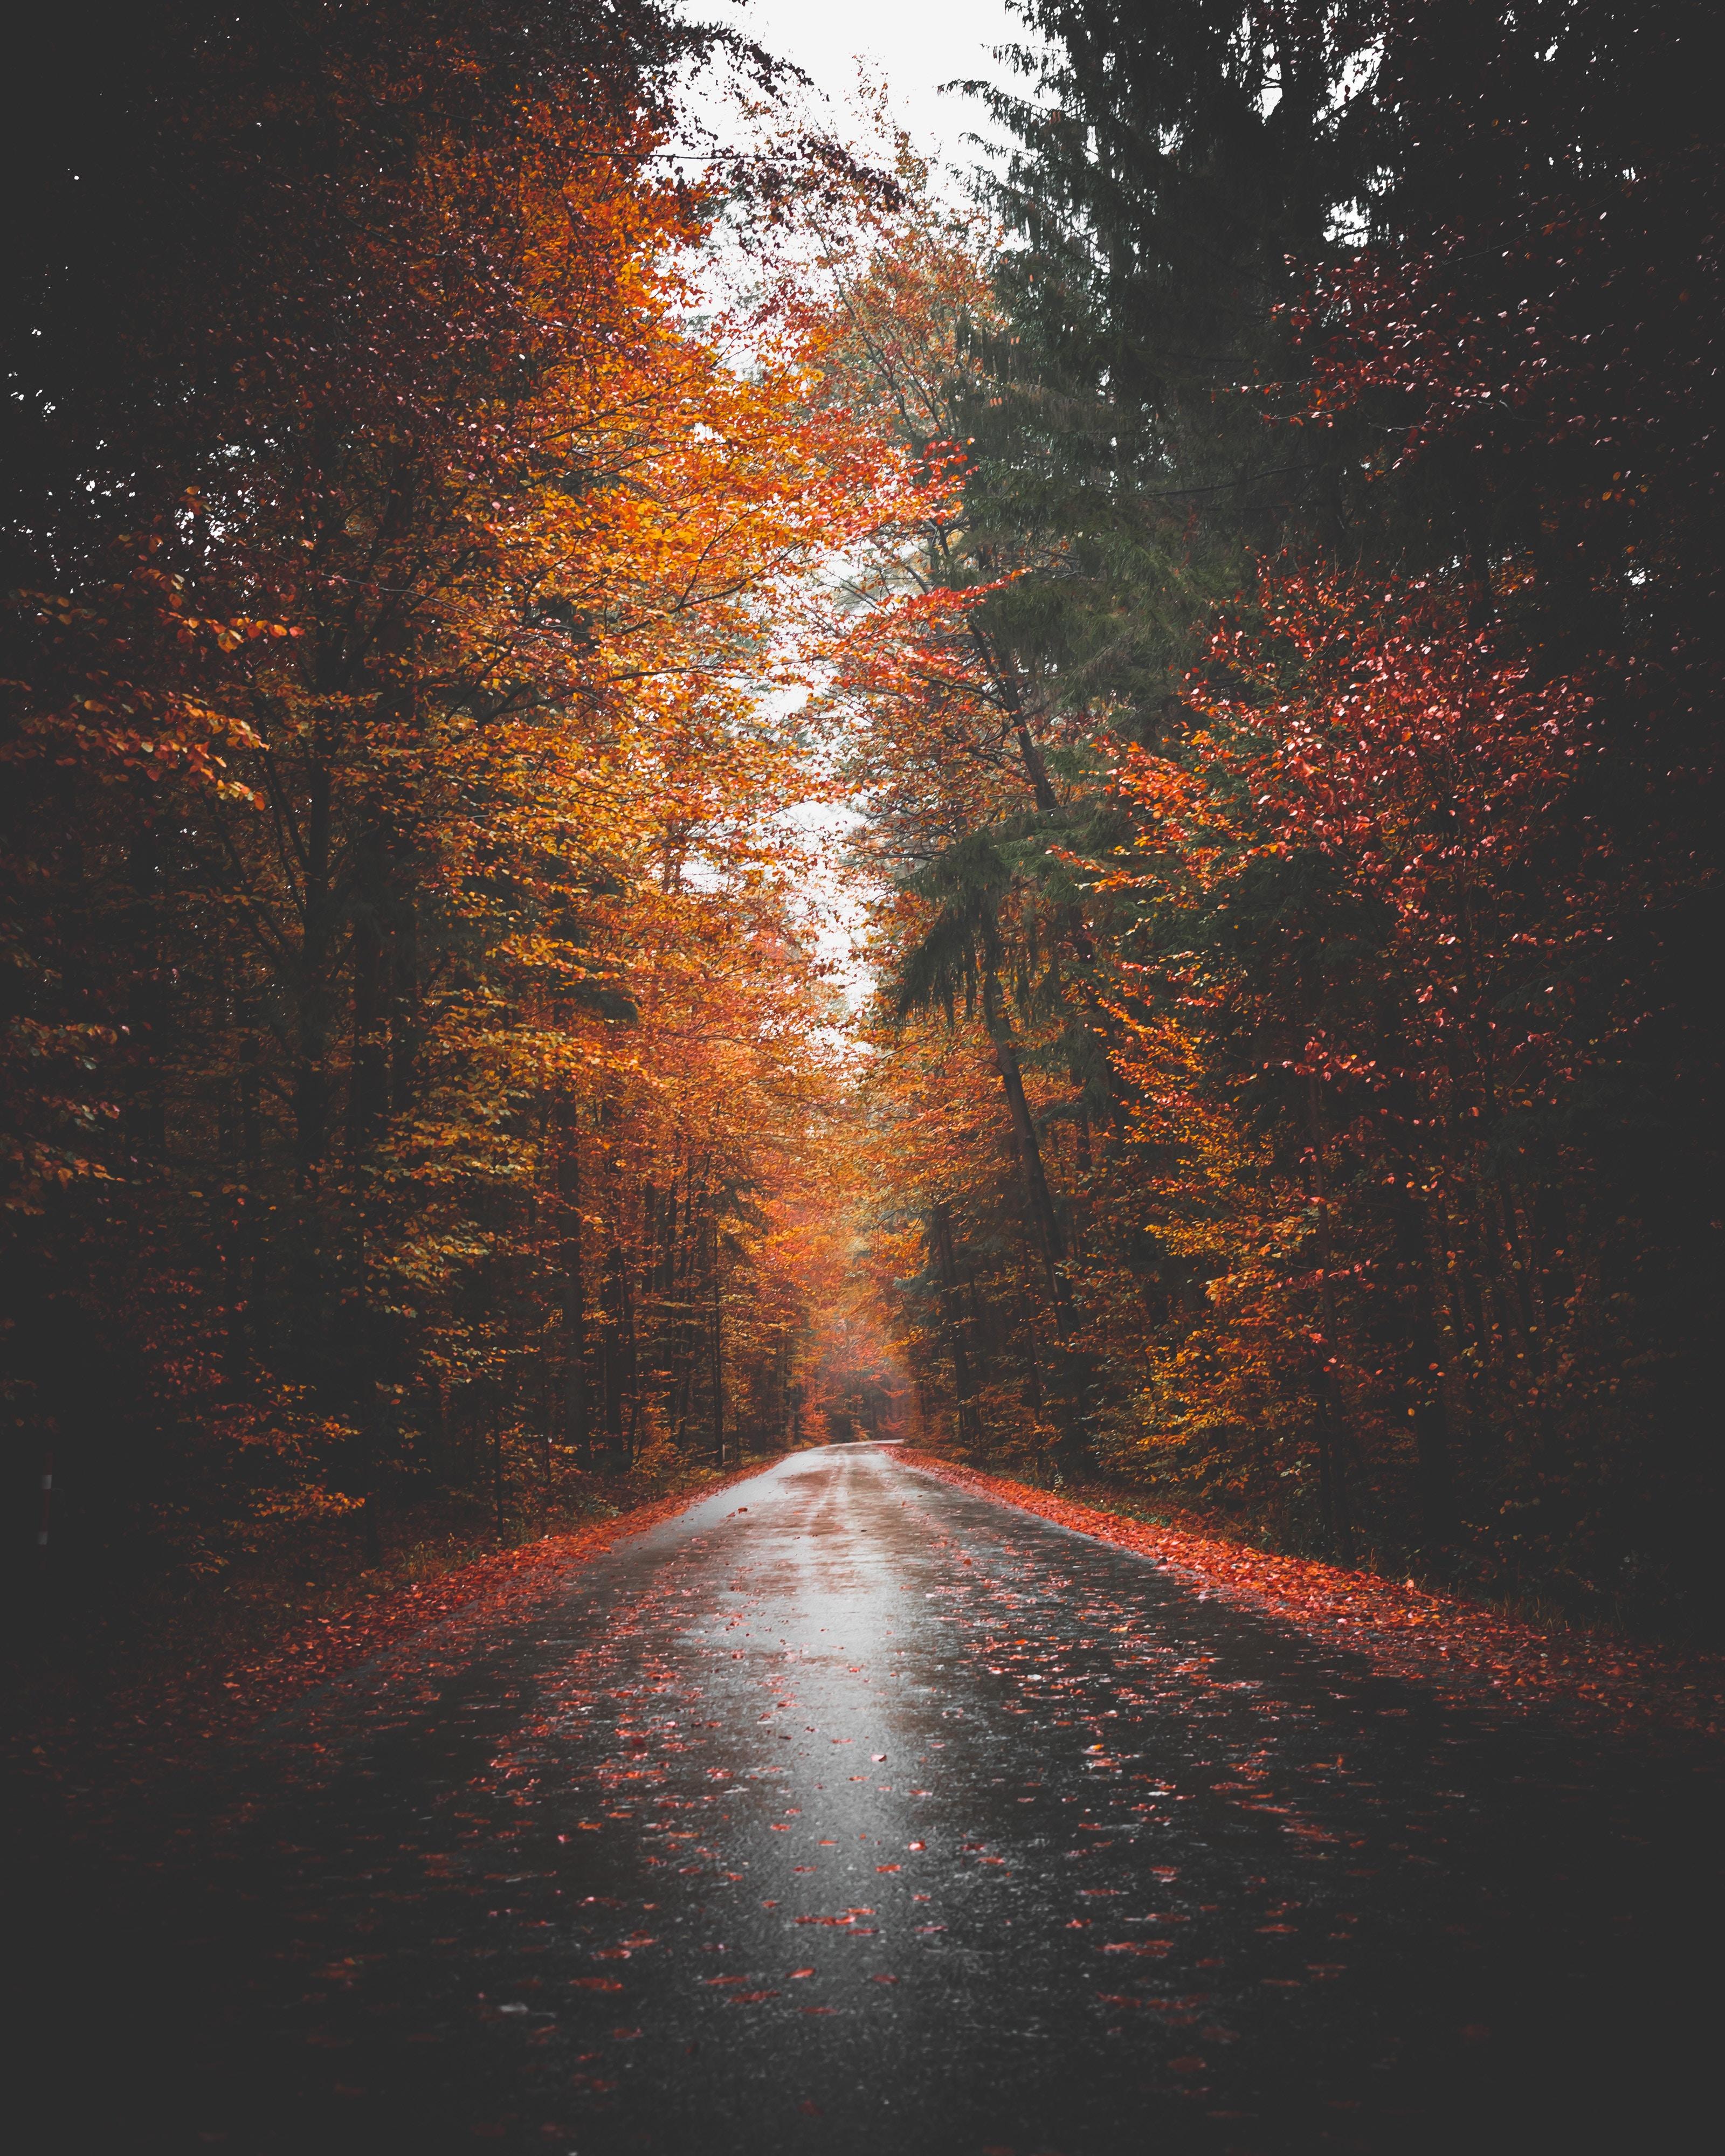 123295 скачать обои Асфальт, Лес, Природа, Деревья, Осень, Дорога - заставки и картинки бесплатно